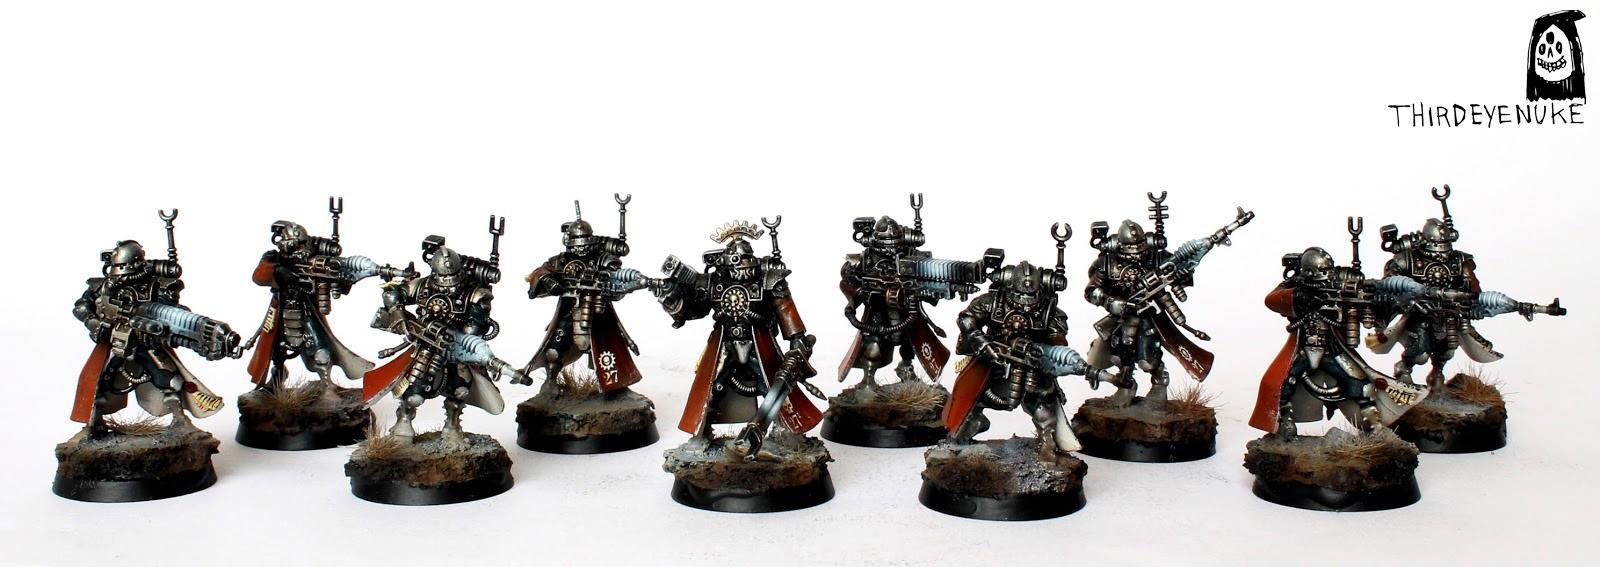 Adeptus Mechanicus, Skitarii, Thirdeyenuke, Vanguard, Warhammer 40,000, Warhammer Fantasy